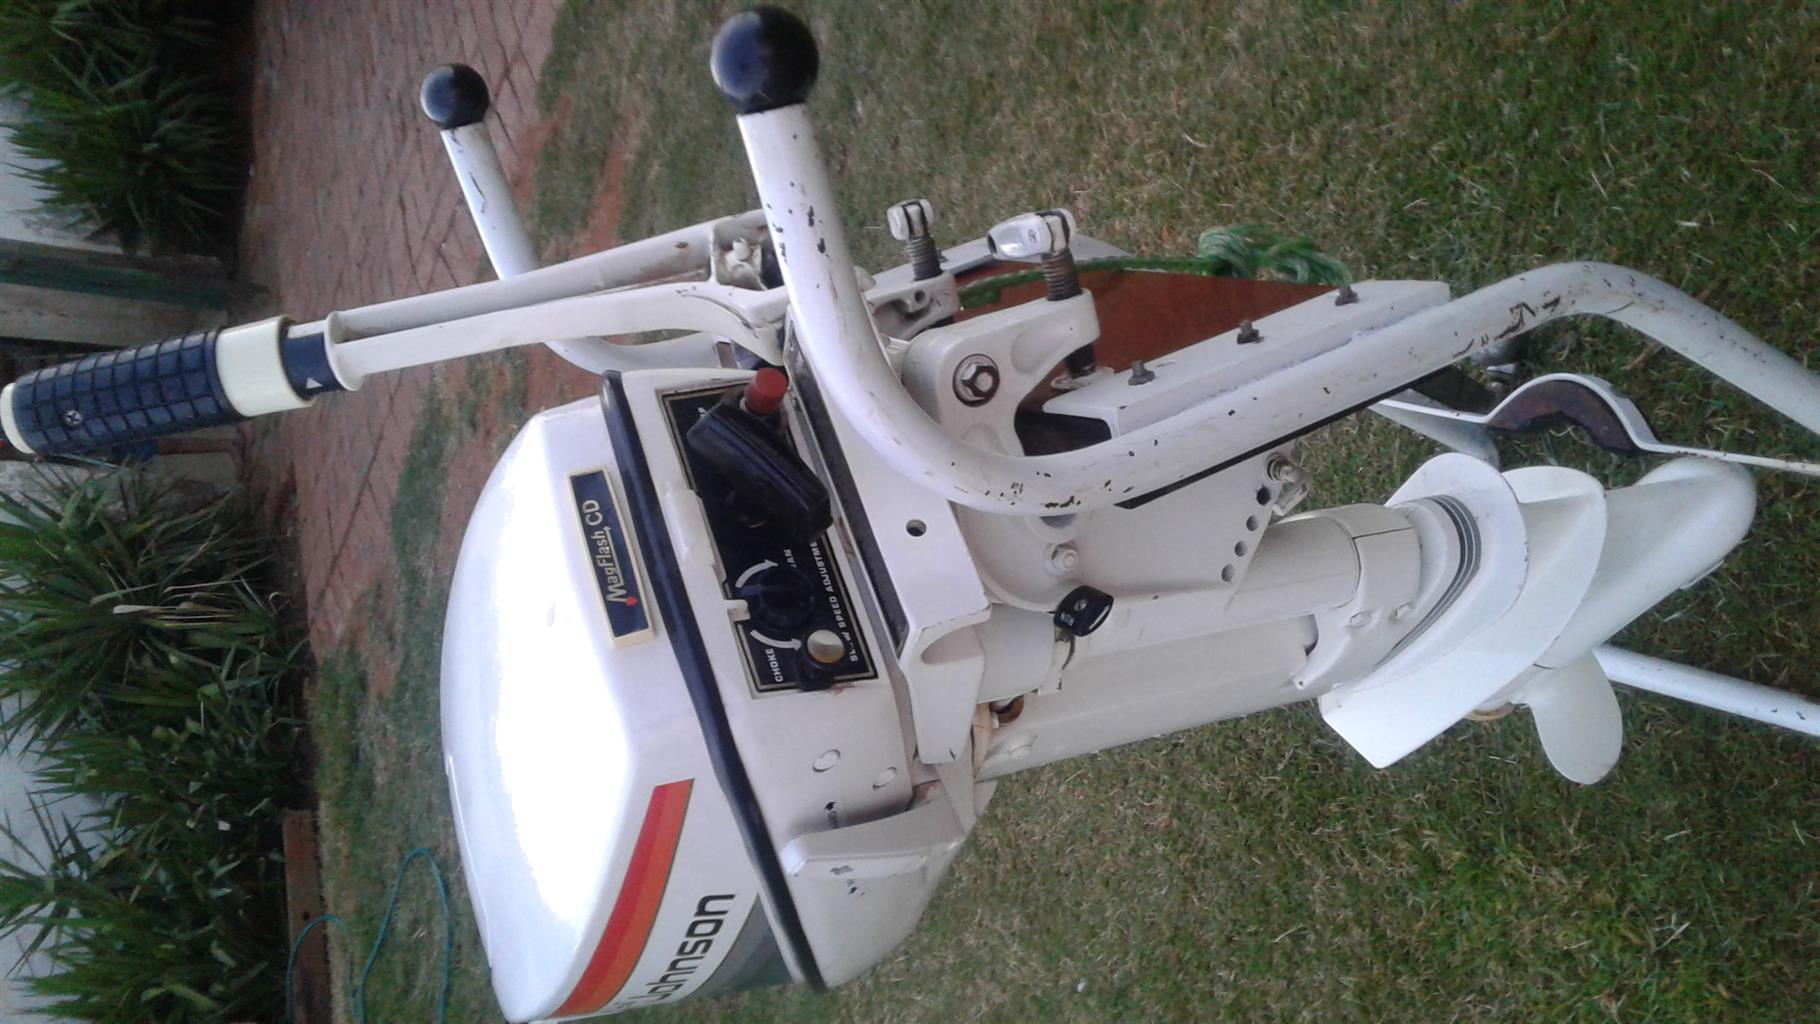 Johnson 15hp petrol motor